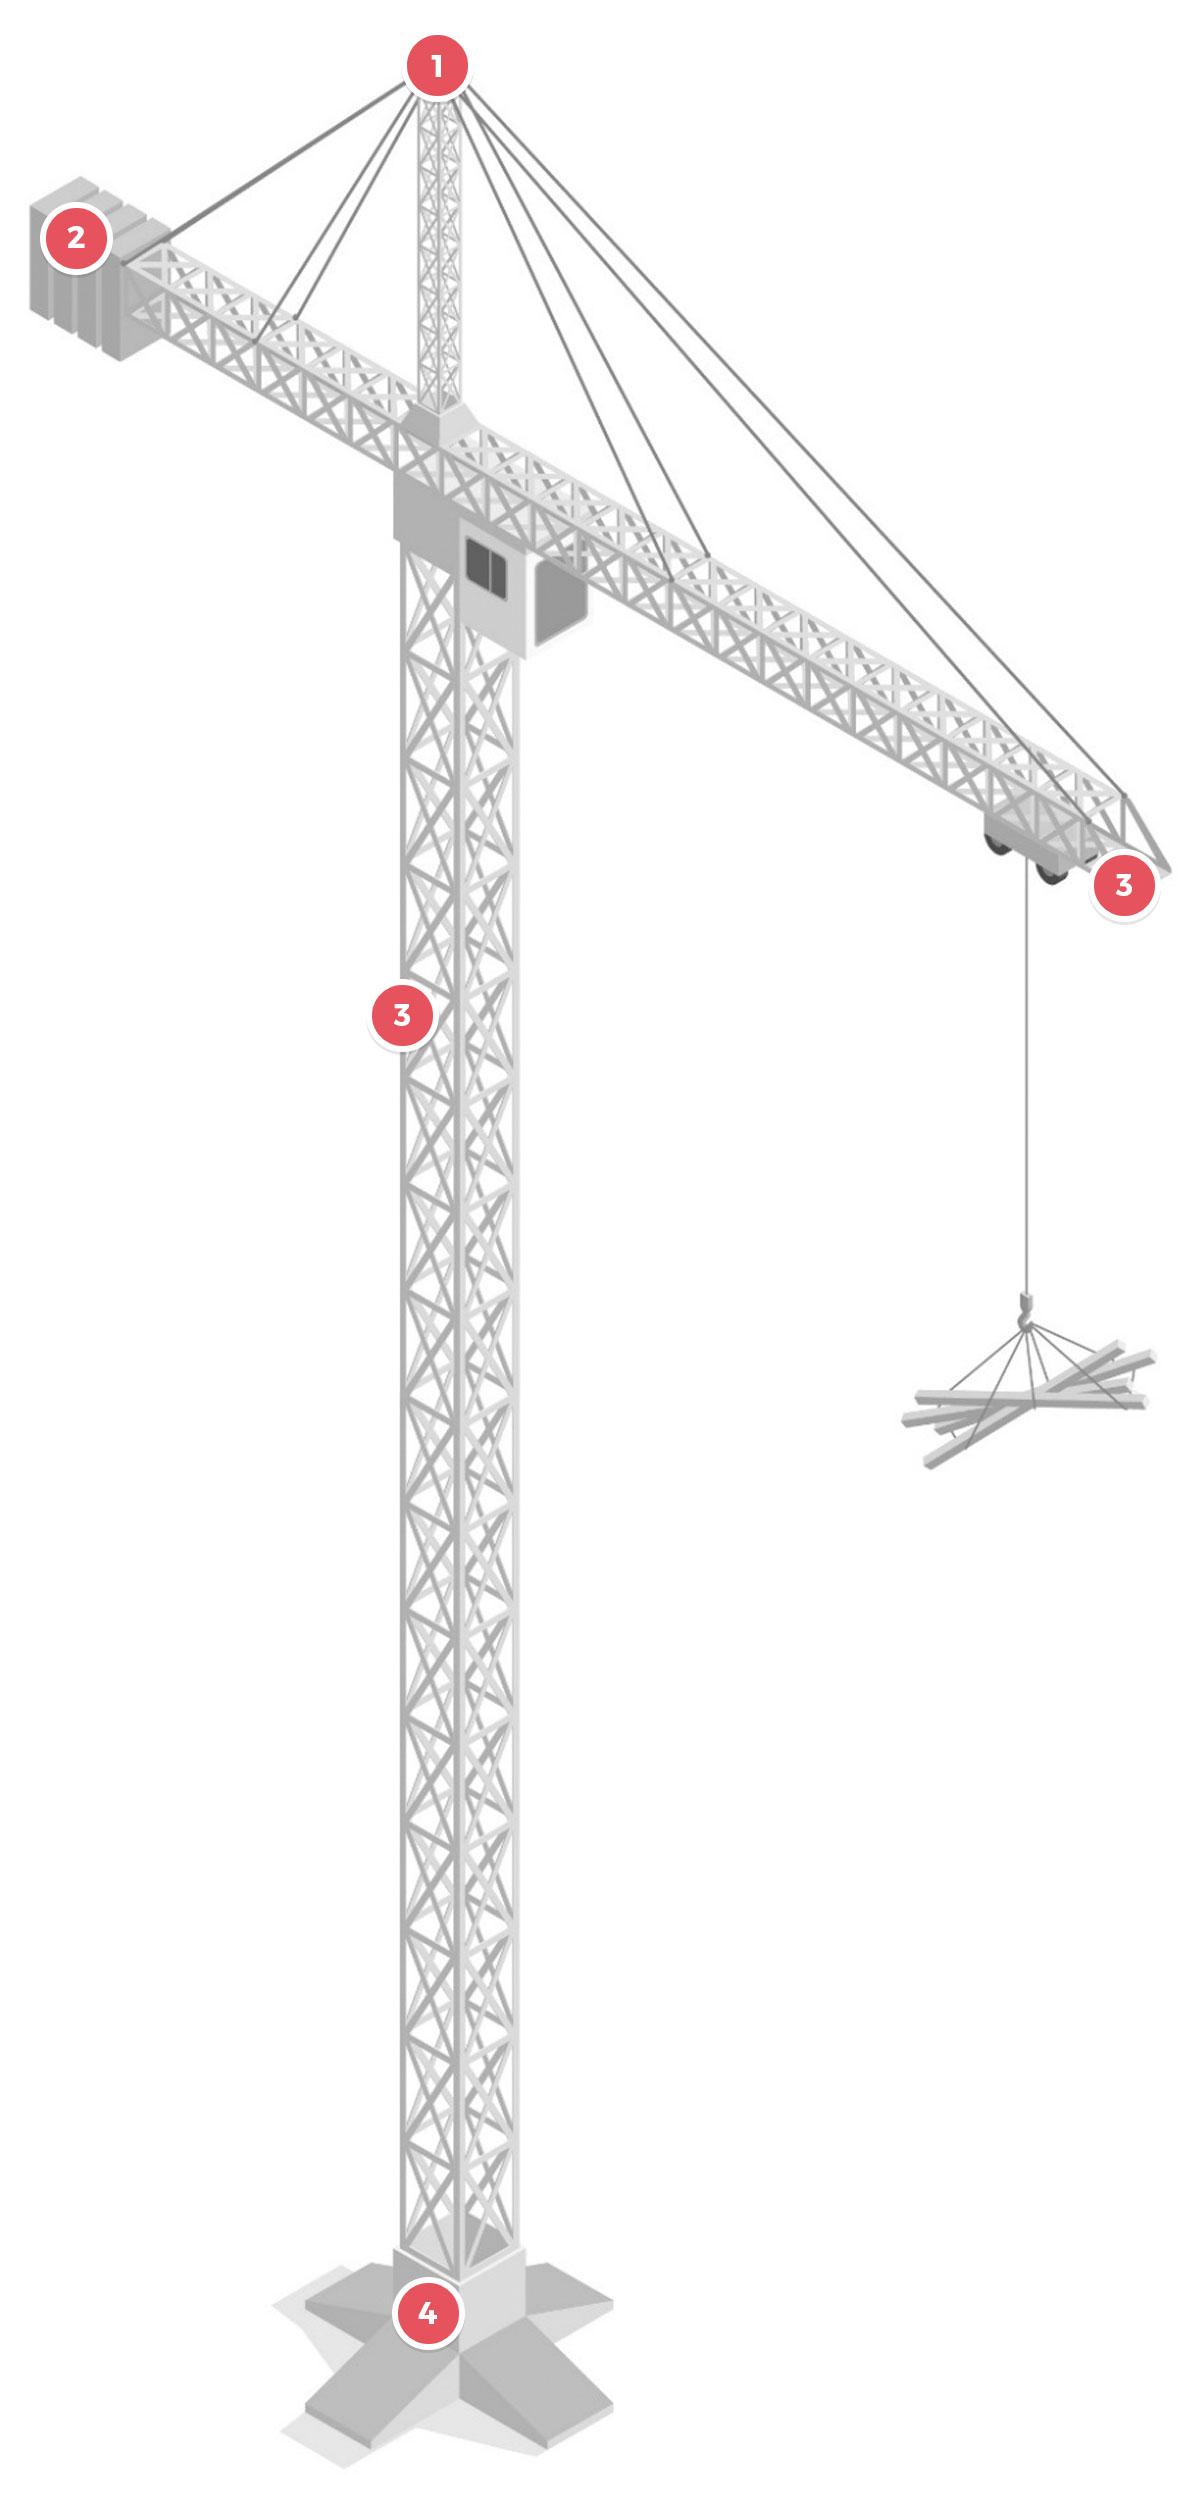 delta-box_applications_aircraft-warning-lights-for-cranes-schema-visuel